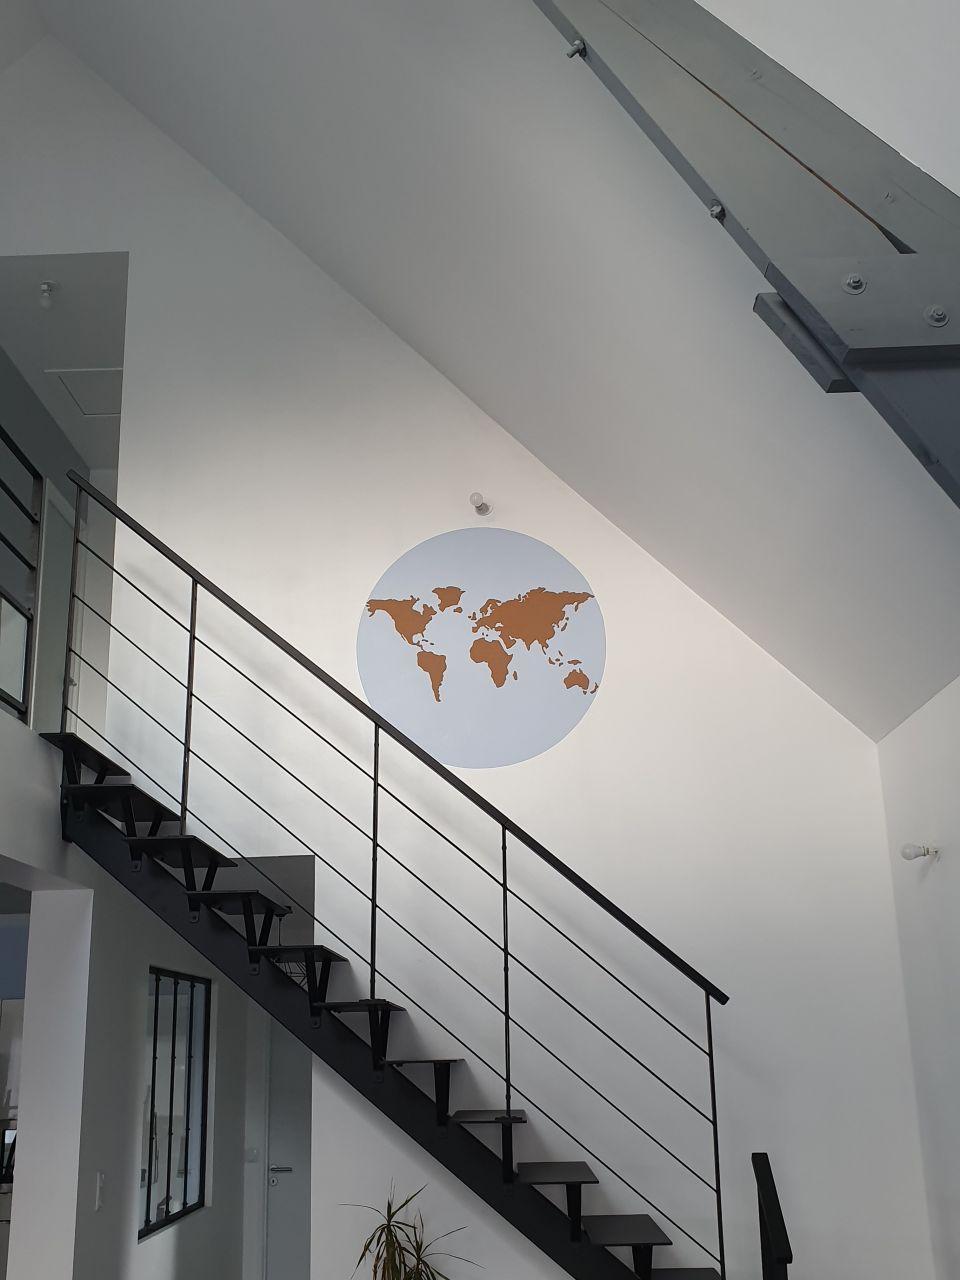 Decoration en cours sur le mur de l'escalier